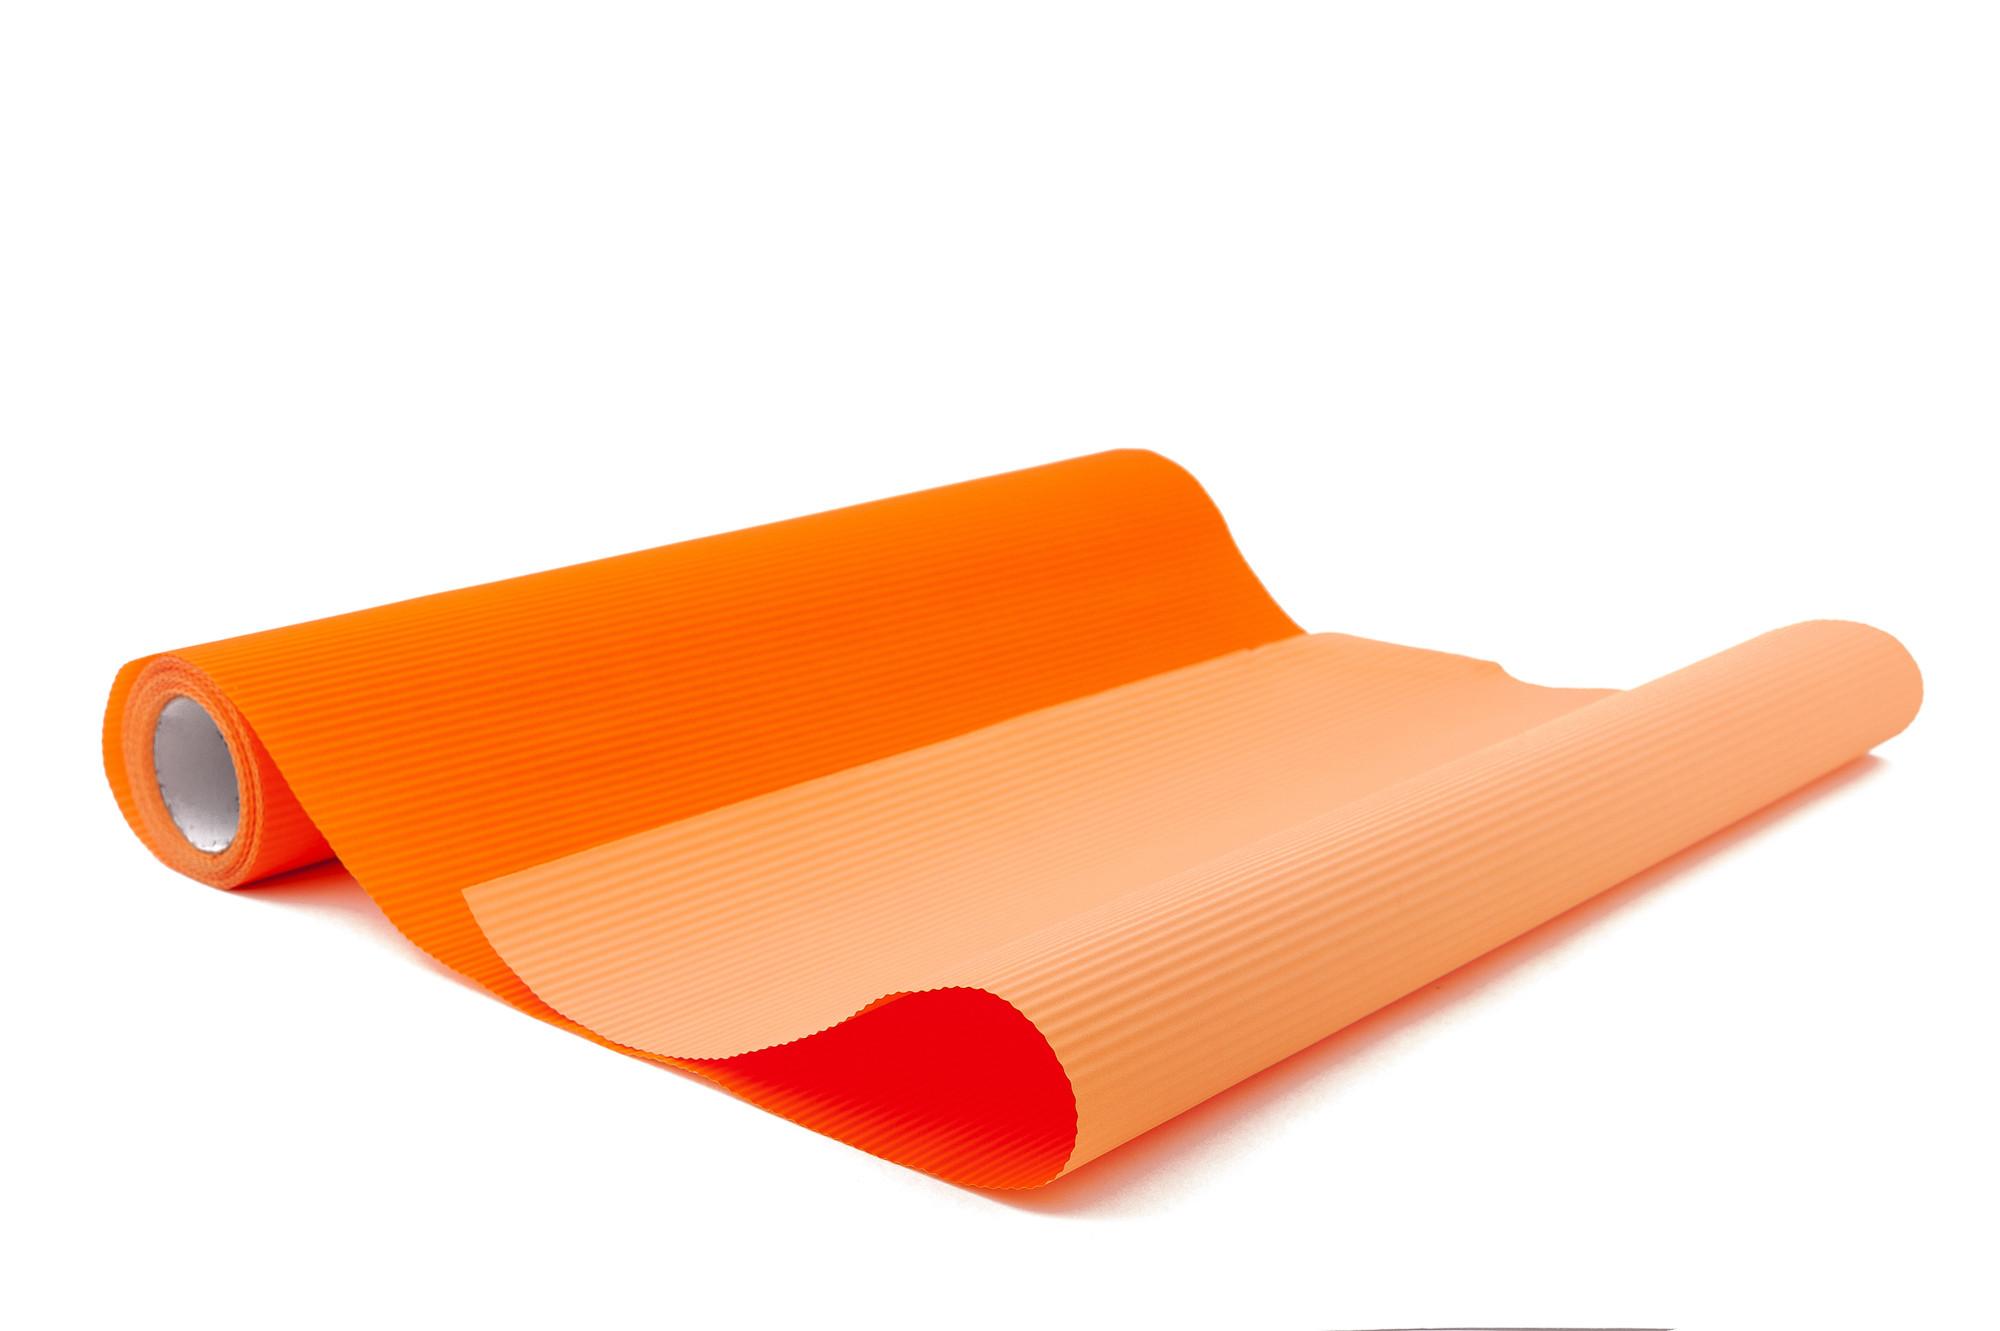 Papír vlnkovaný, dvoubarevný 50 cm